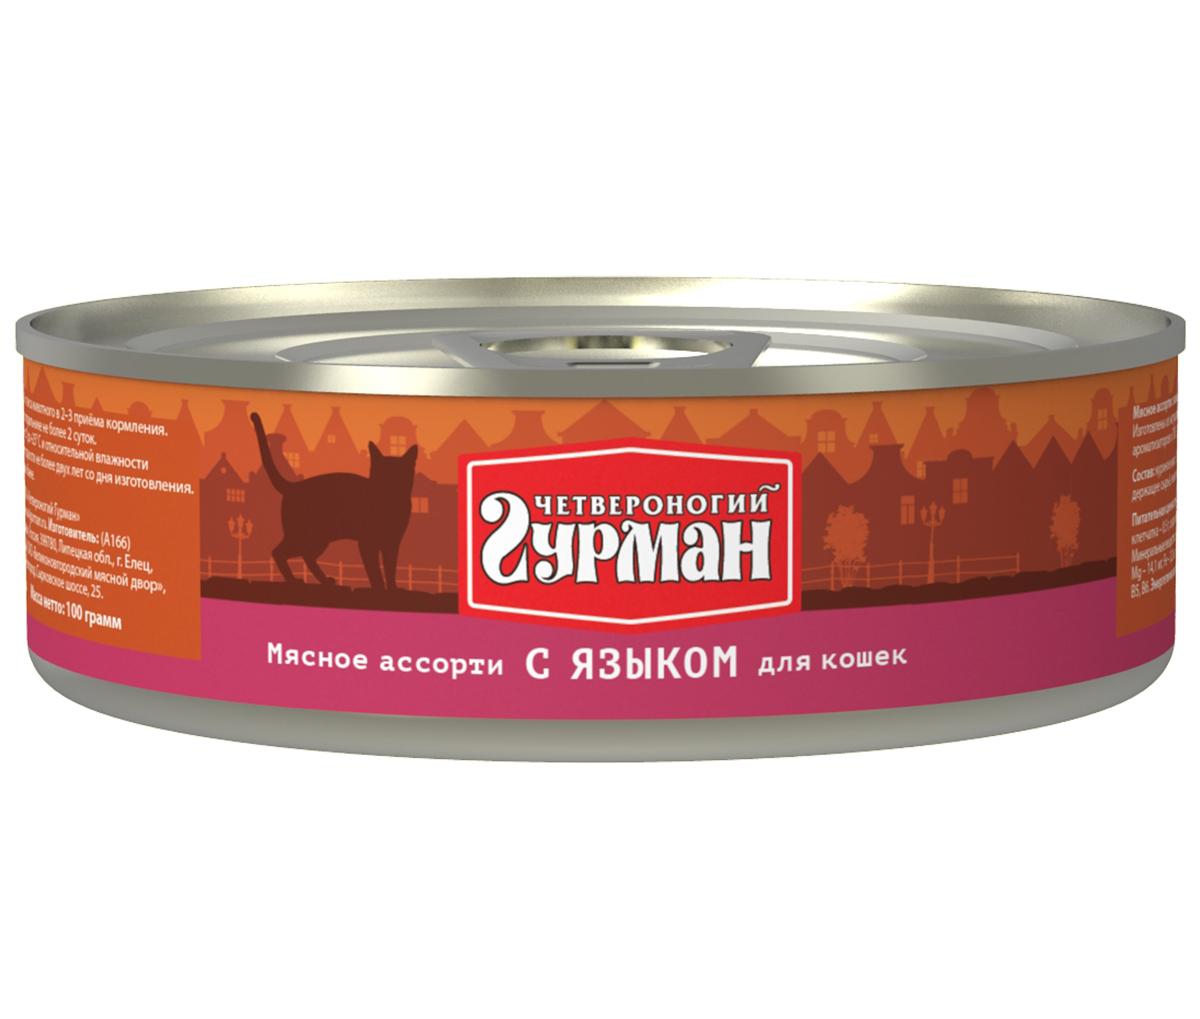 Консервы для кошек Четвероногий гурман Мясное ассорти, с языком, 100 г103201012Мясное ассорти - влажный мясной корм суперпремиум класса, состоящий из разных сортов мяса и качественных субпродуктов. Ведущая линейка торговой марки Четвероногий гурман. По консистенции продукт представляет собой кусочки из фарша размером 3-15 мм. В состав входит коллаген. Его компоненты (хондроитин и глюкозамин) положительно воздействуют на суставы питомца. Корм не содержит злаков и овощей. Состав: куриное мясо (32%), язык (6%), сердце, легкое, печень, коллагенсодержащее сырьё, животный белок, масло растительное, таурин, соль, вода. Вес: 100 г.